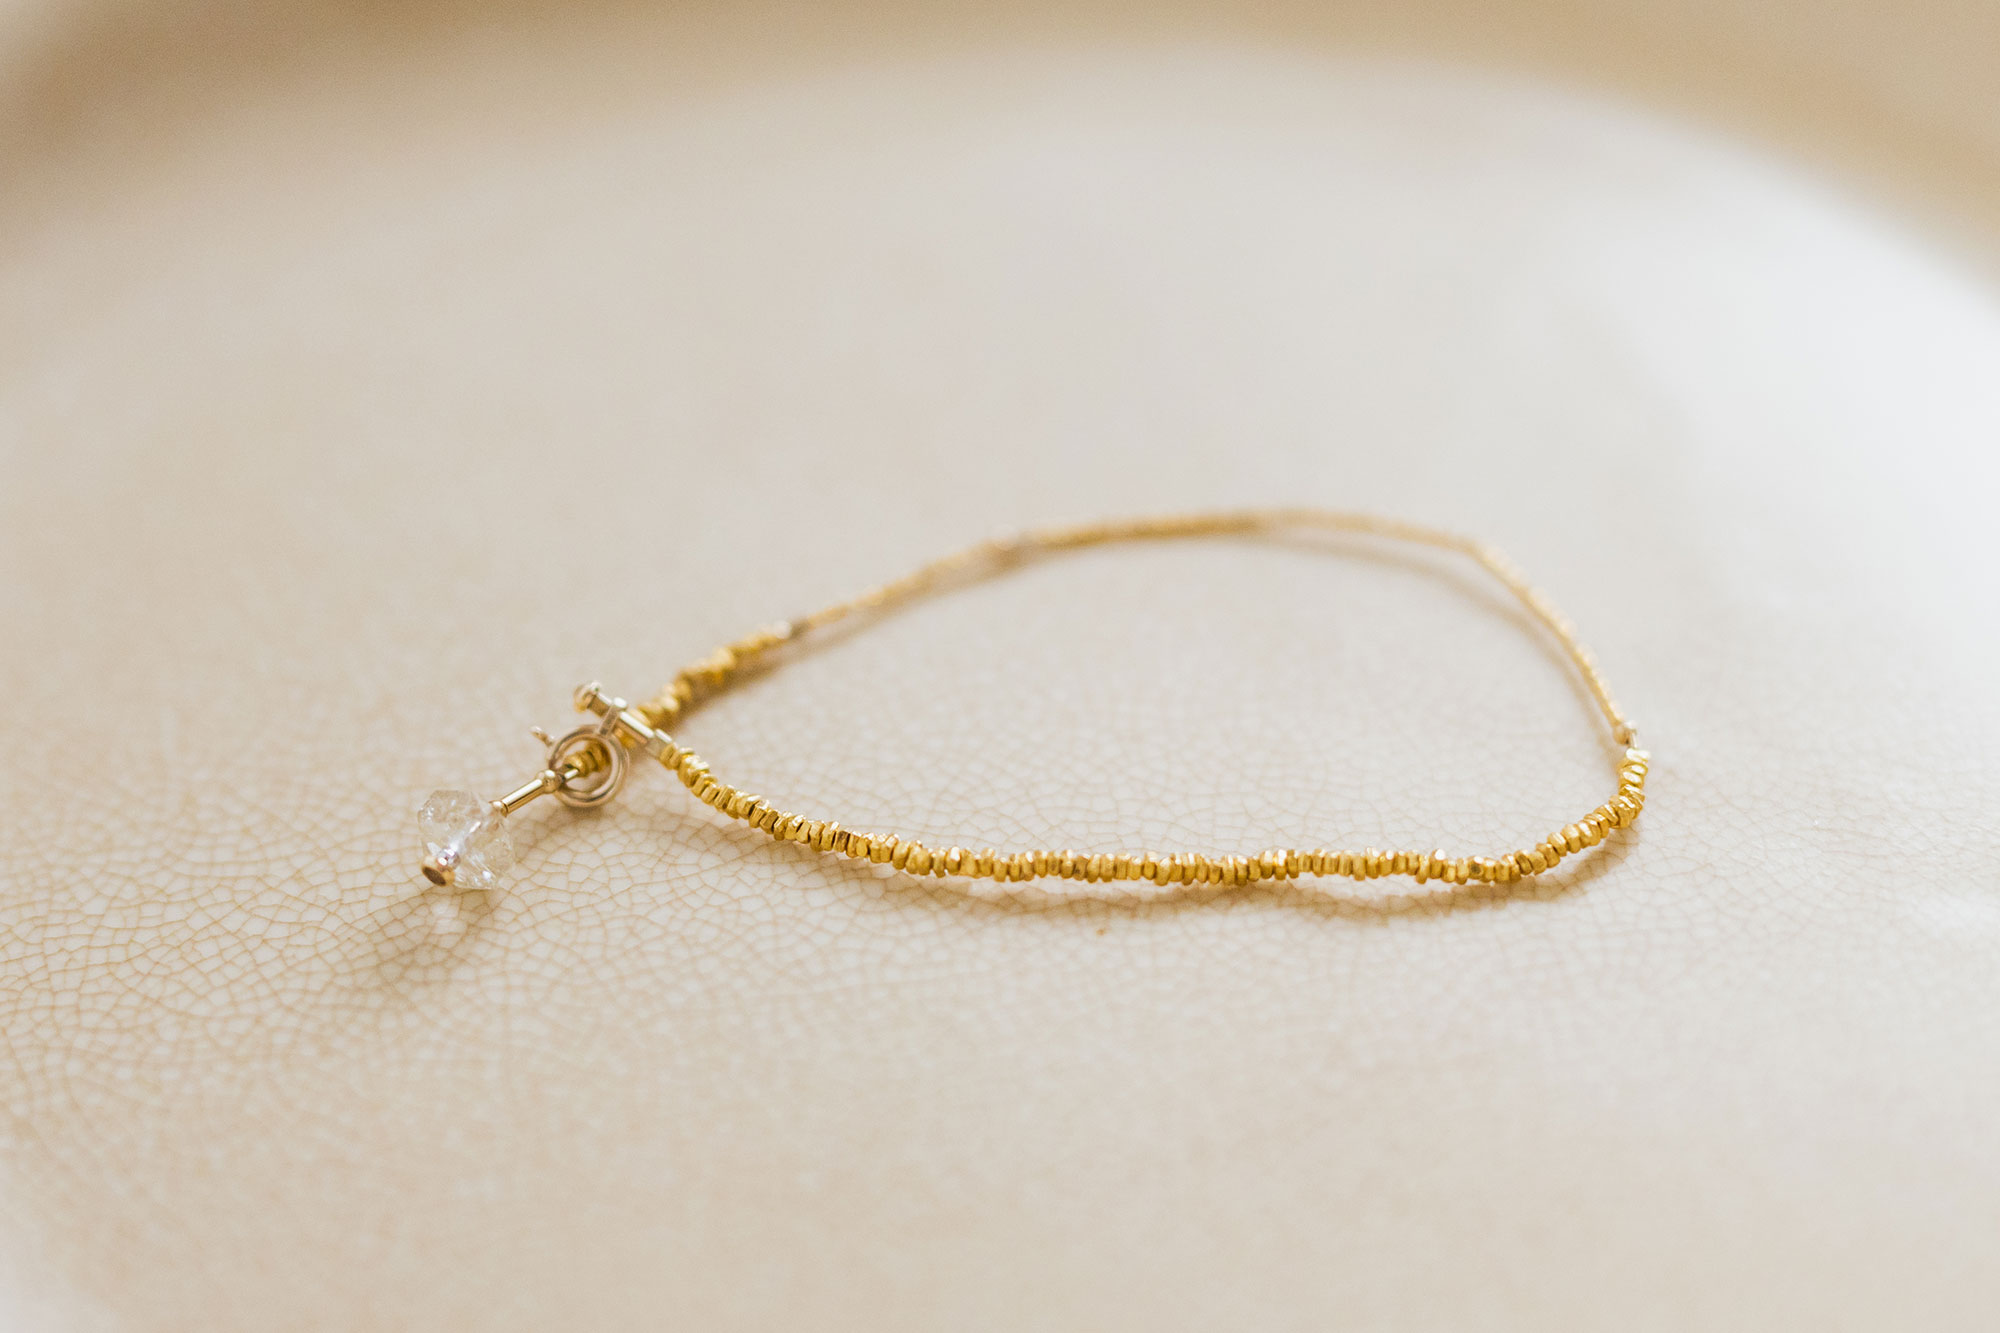 立田暁子 暁series bracelet ルチルクオーツ